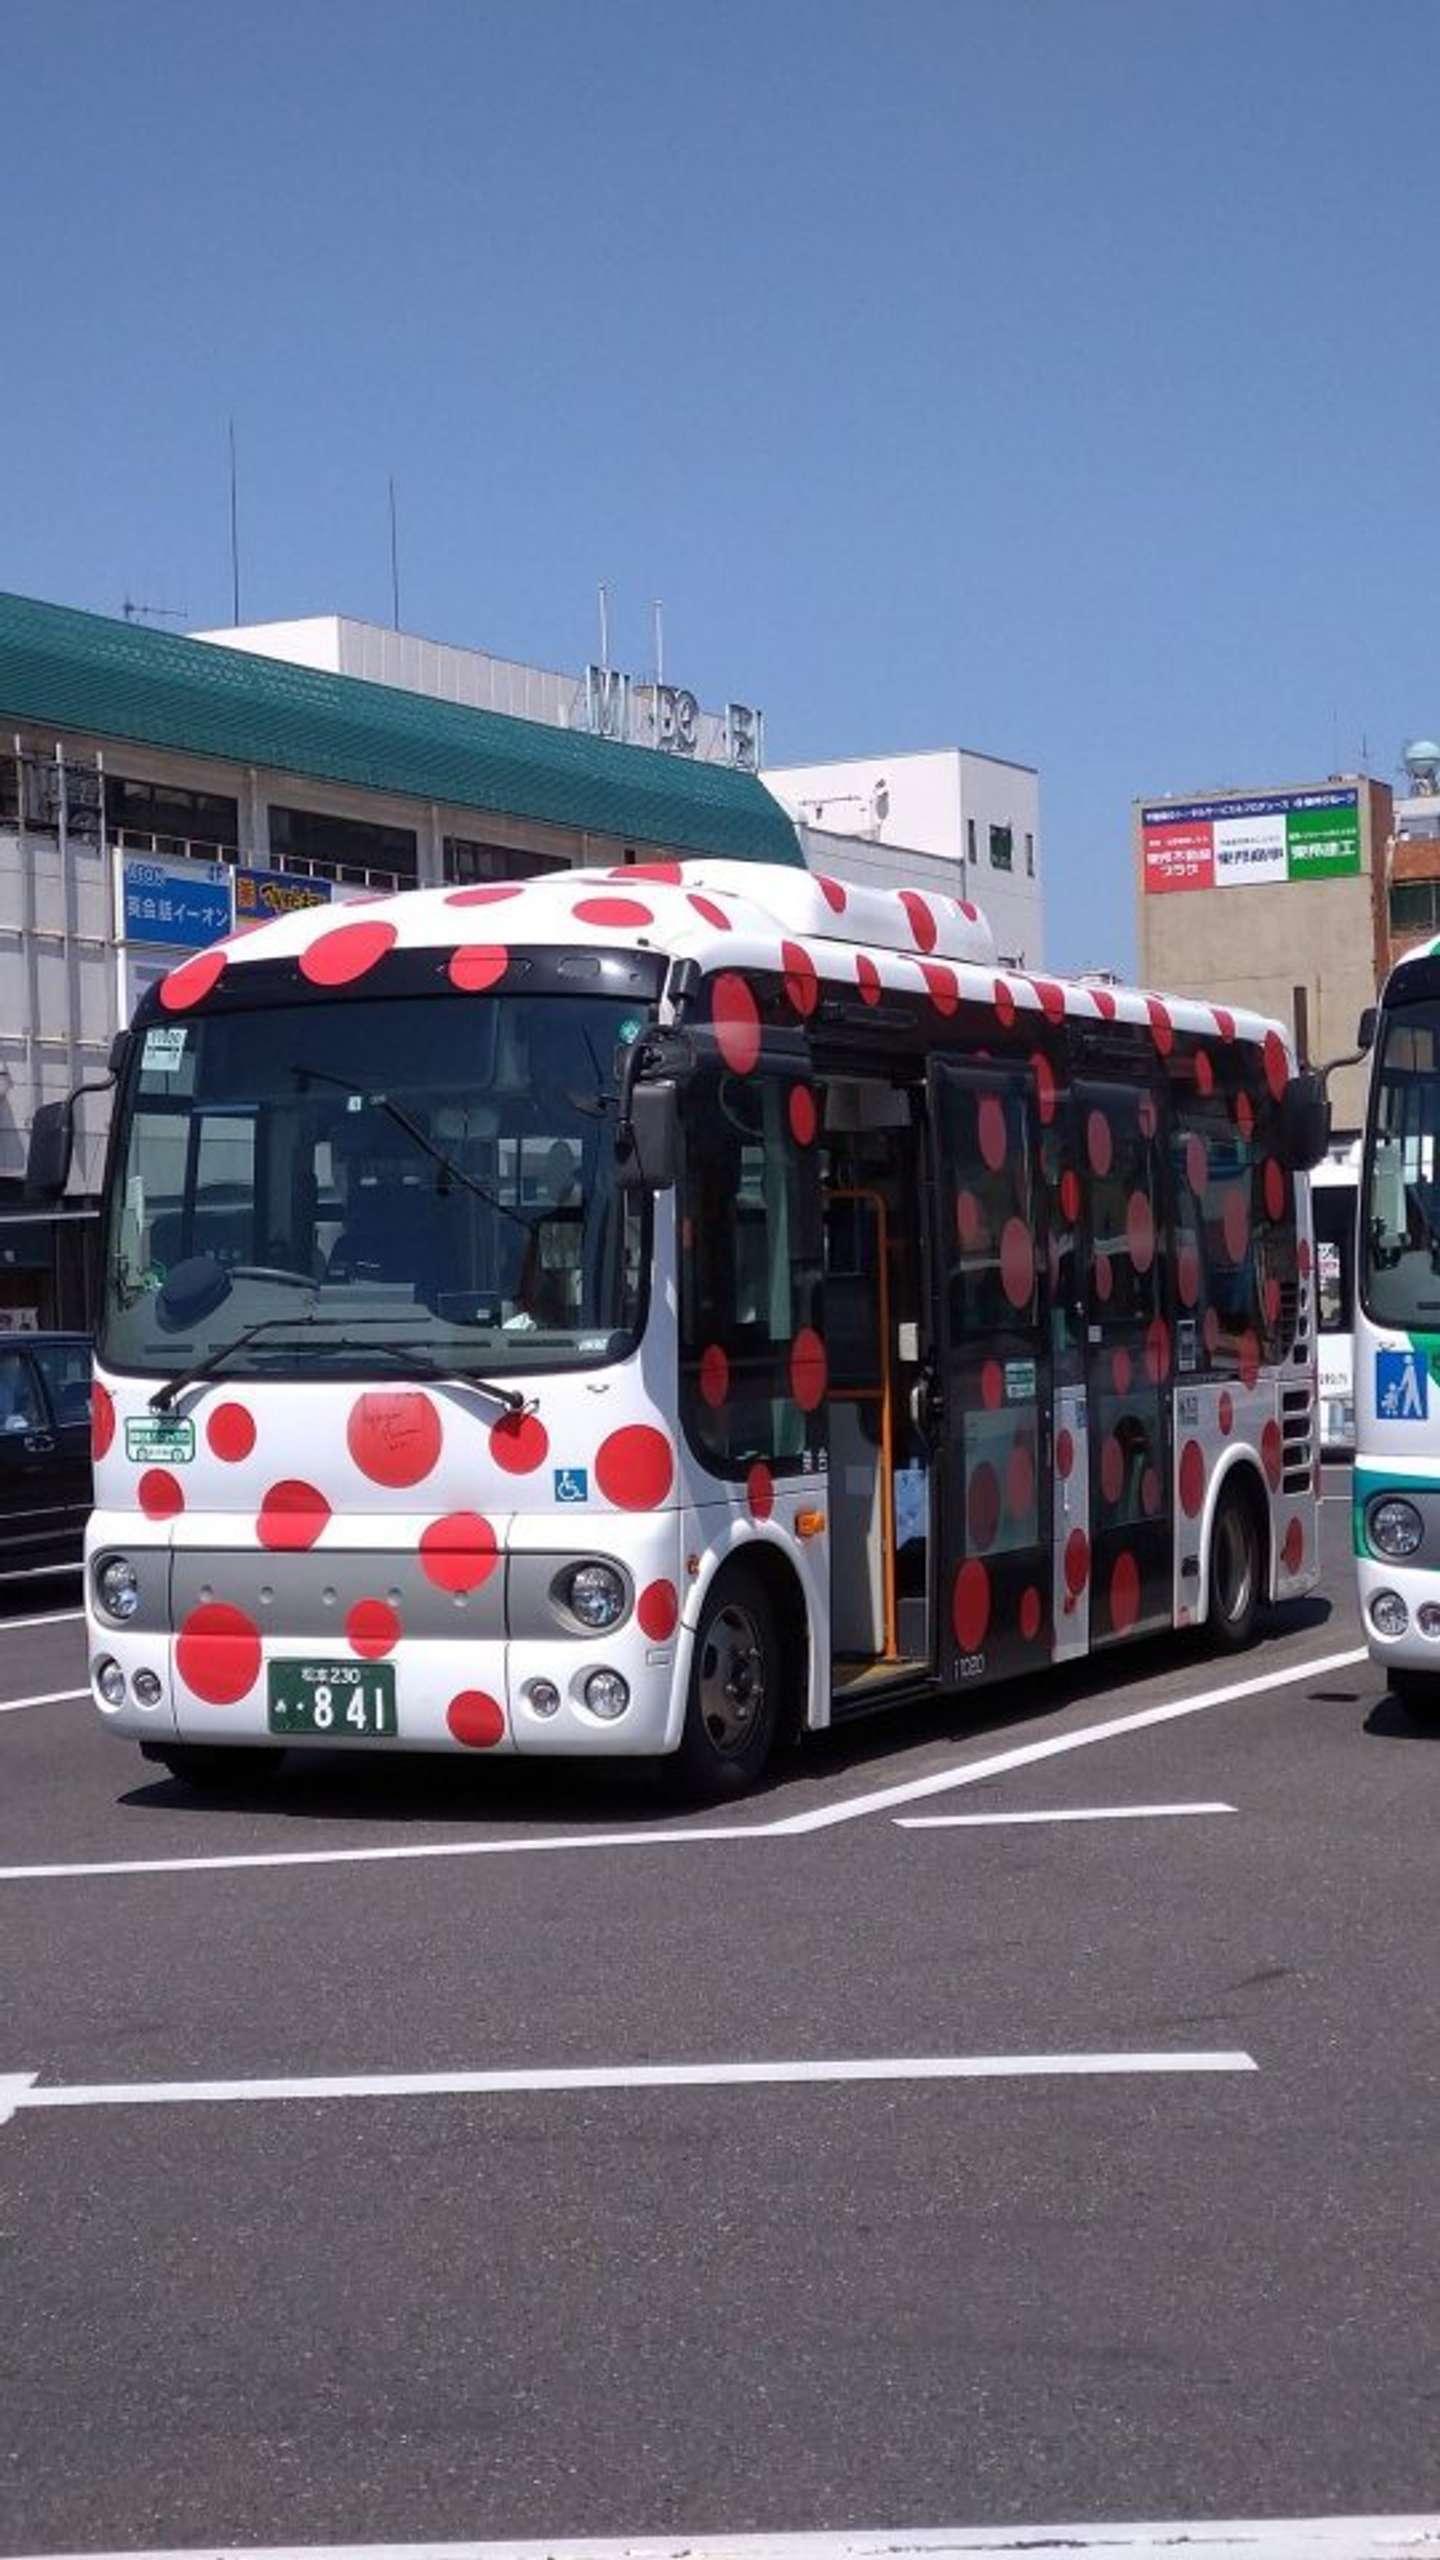 赤い斑点がいっぱい(画像は小三郎@AKAMATUKOSABU3さんのツイートより)